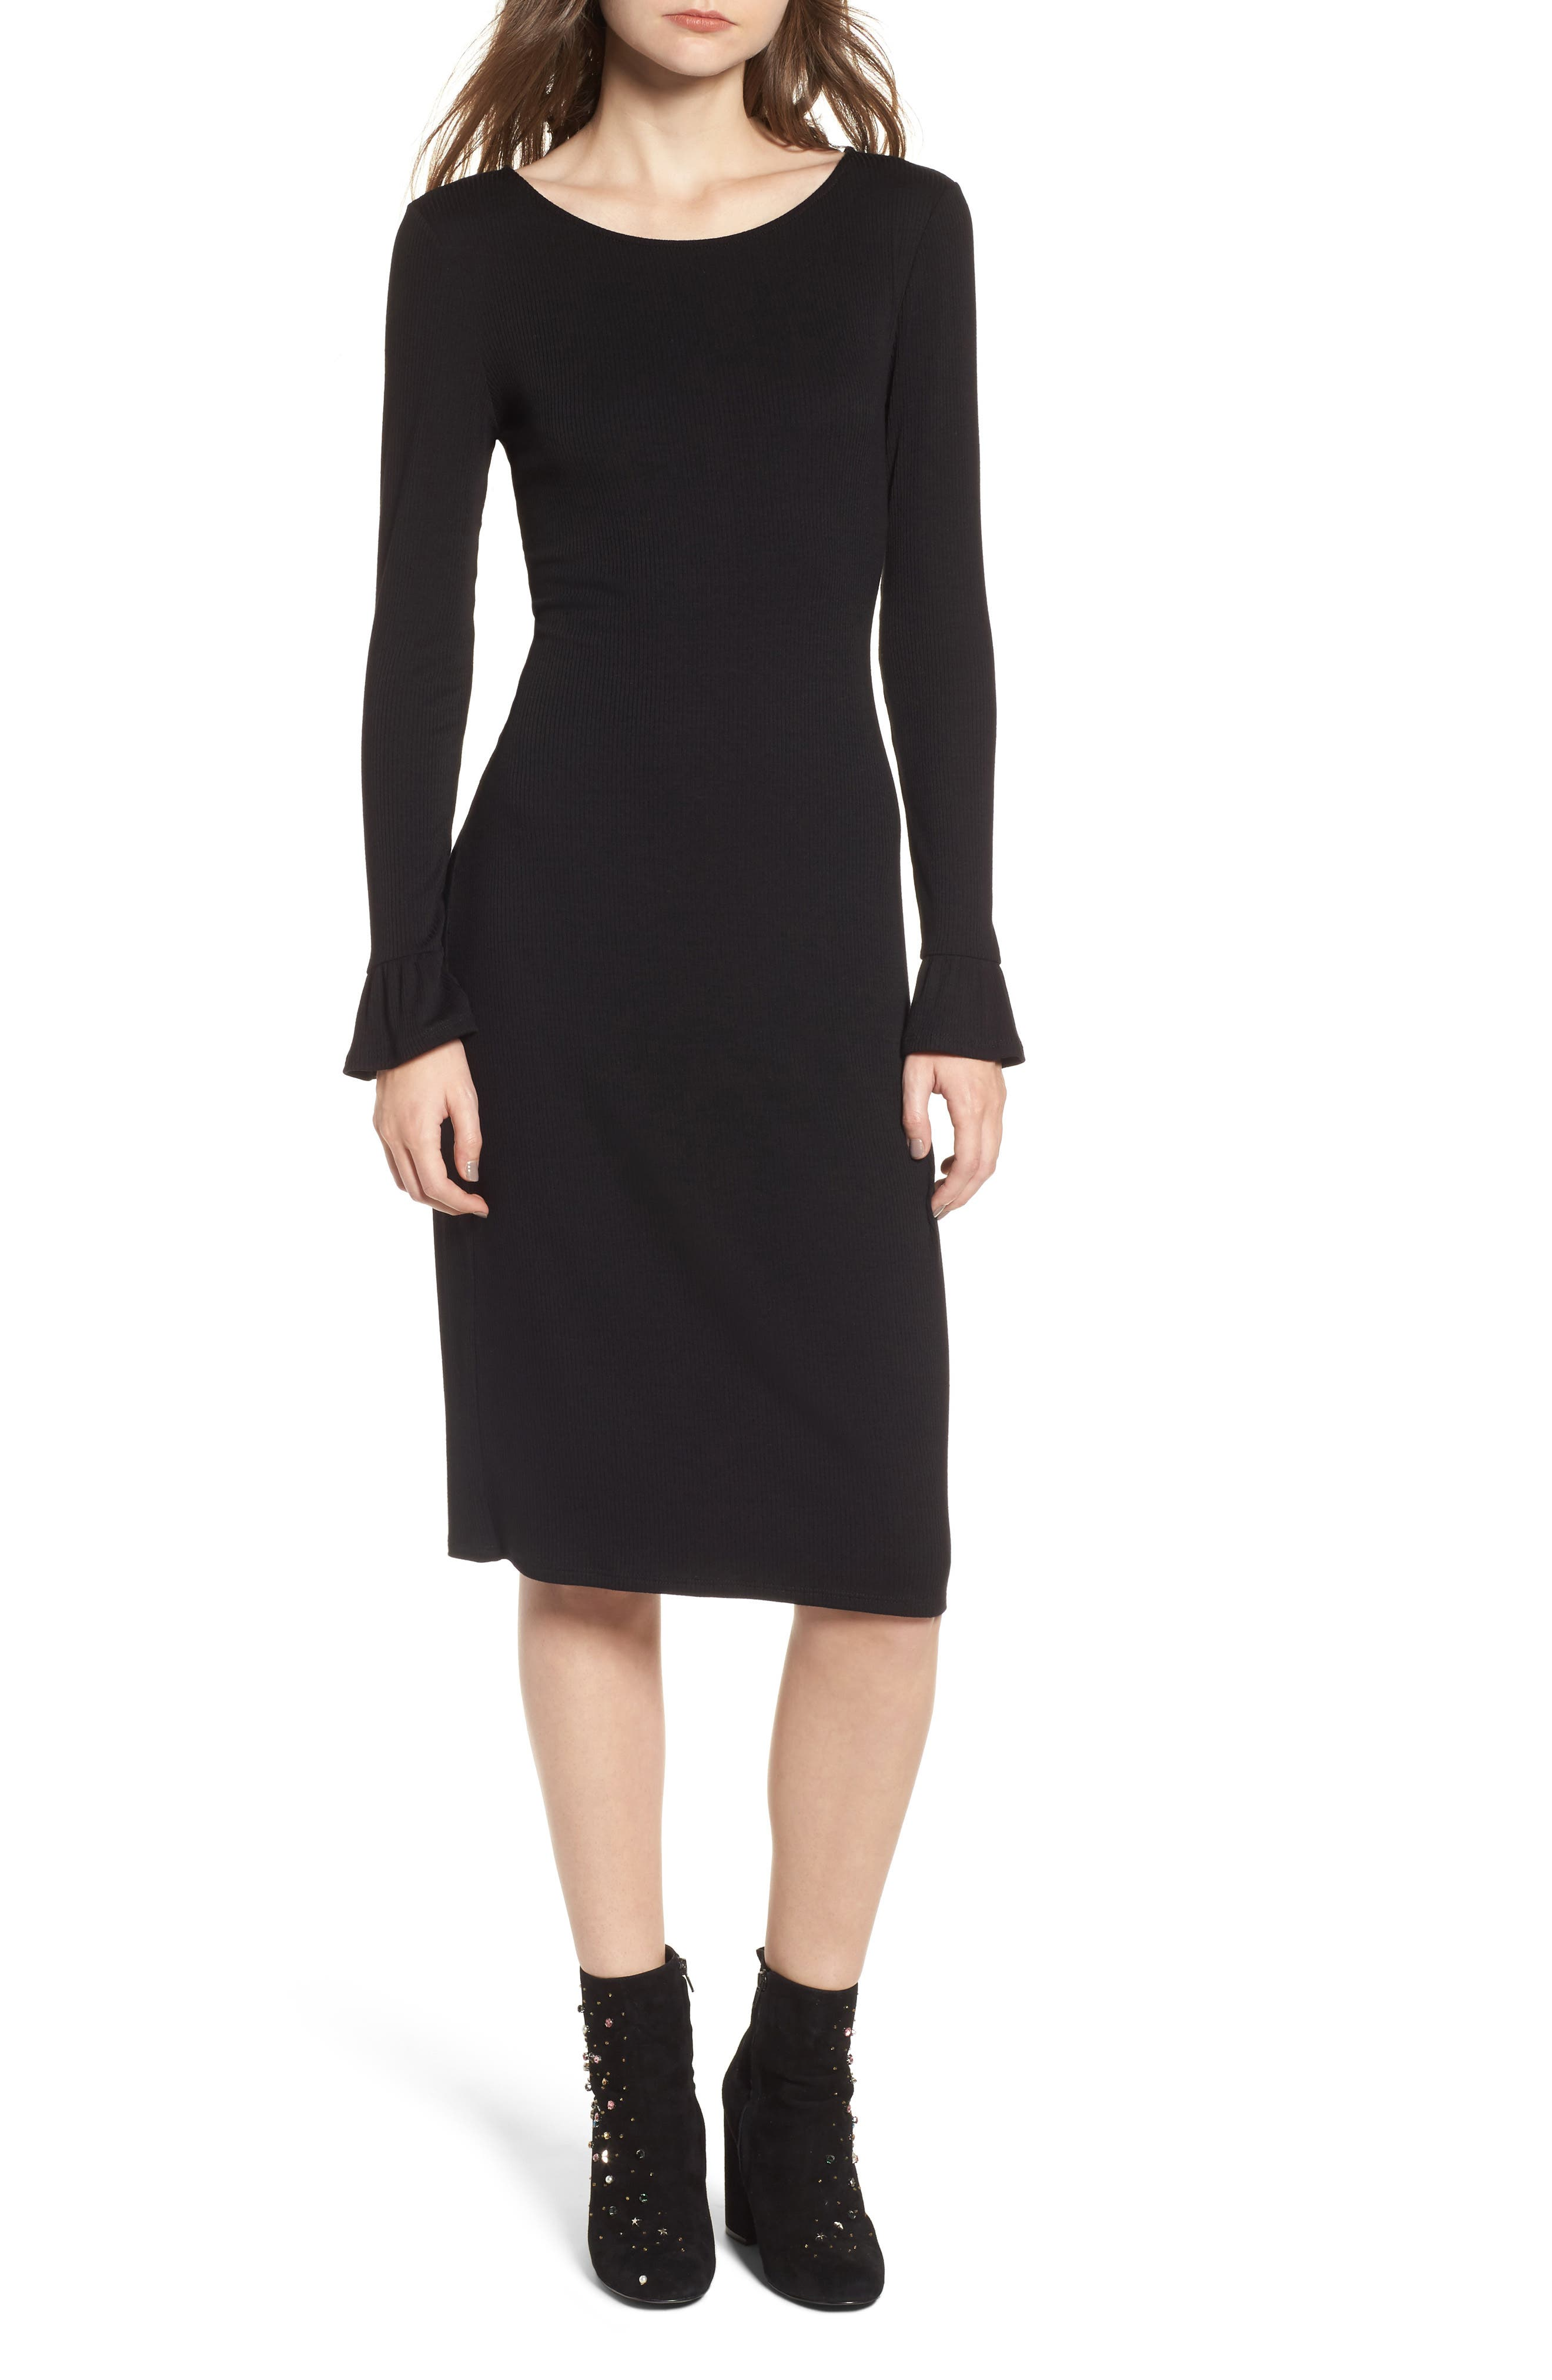 Main Image - One Clothing Ruffle Sleeve Ribbed Midi Dress